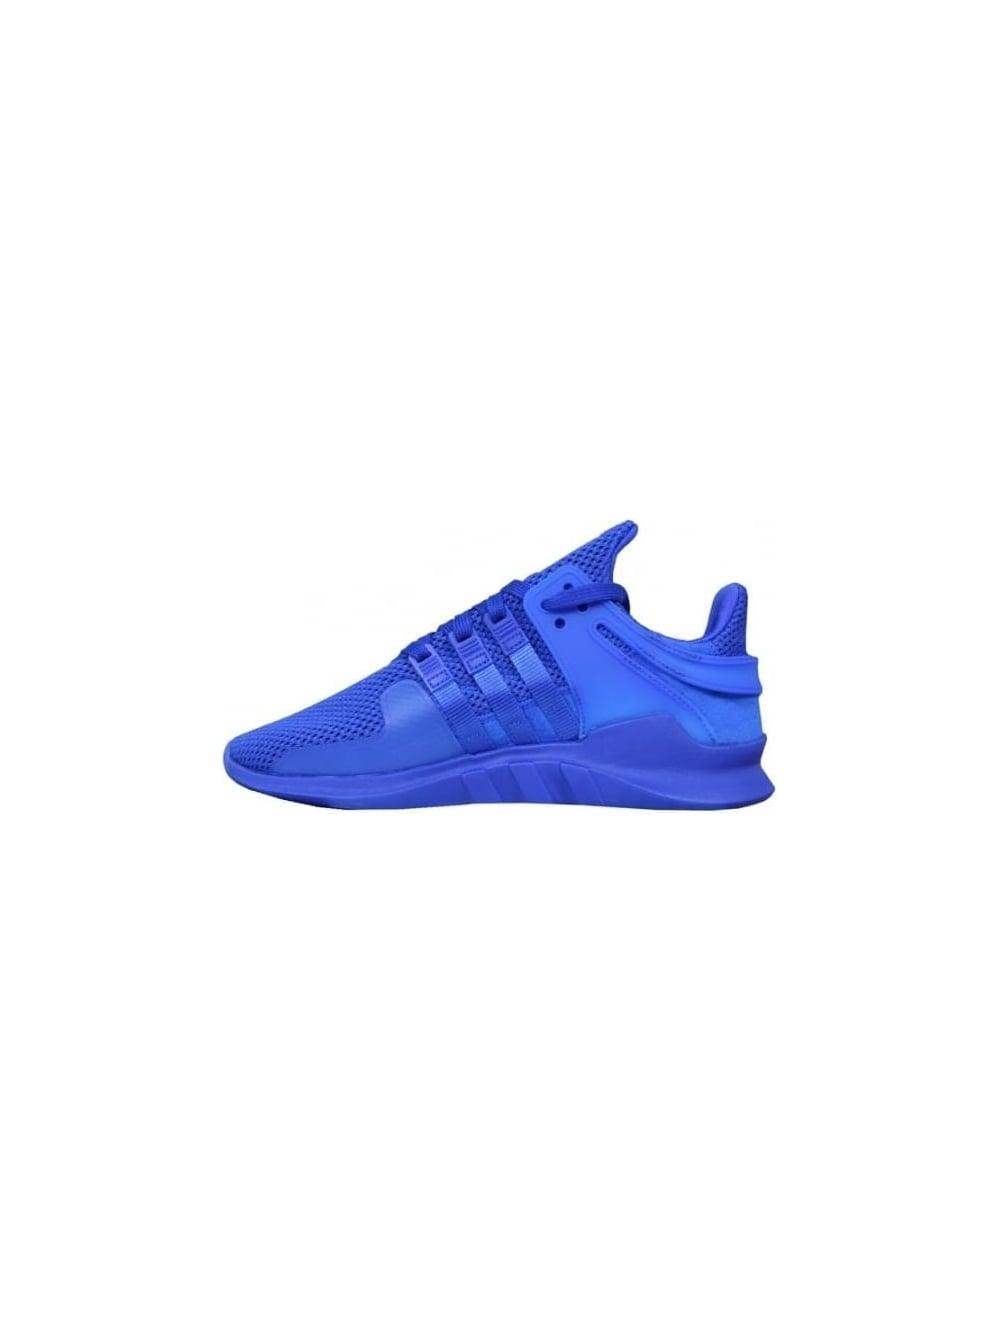 adidas Originals EQT Support Advanced - Powder Blue